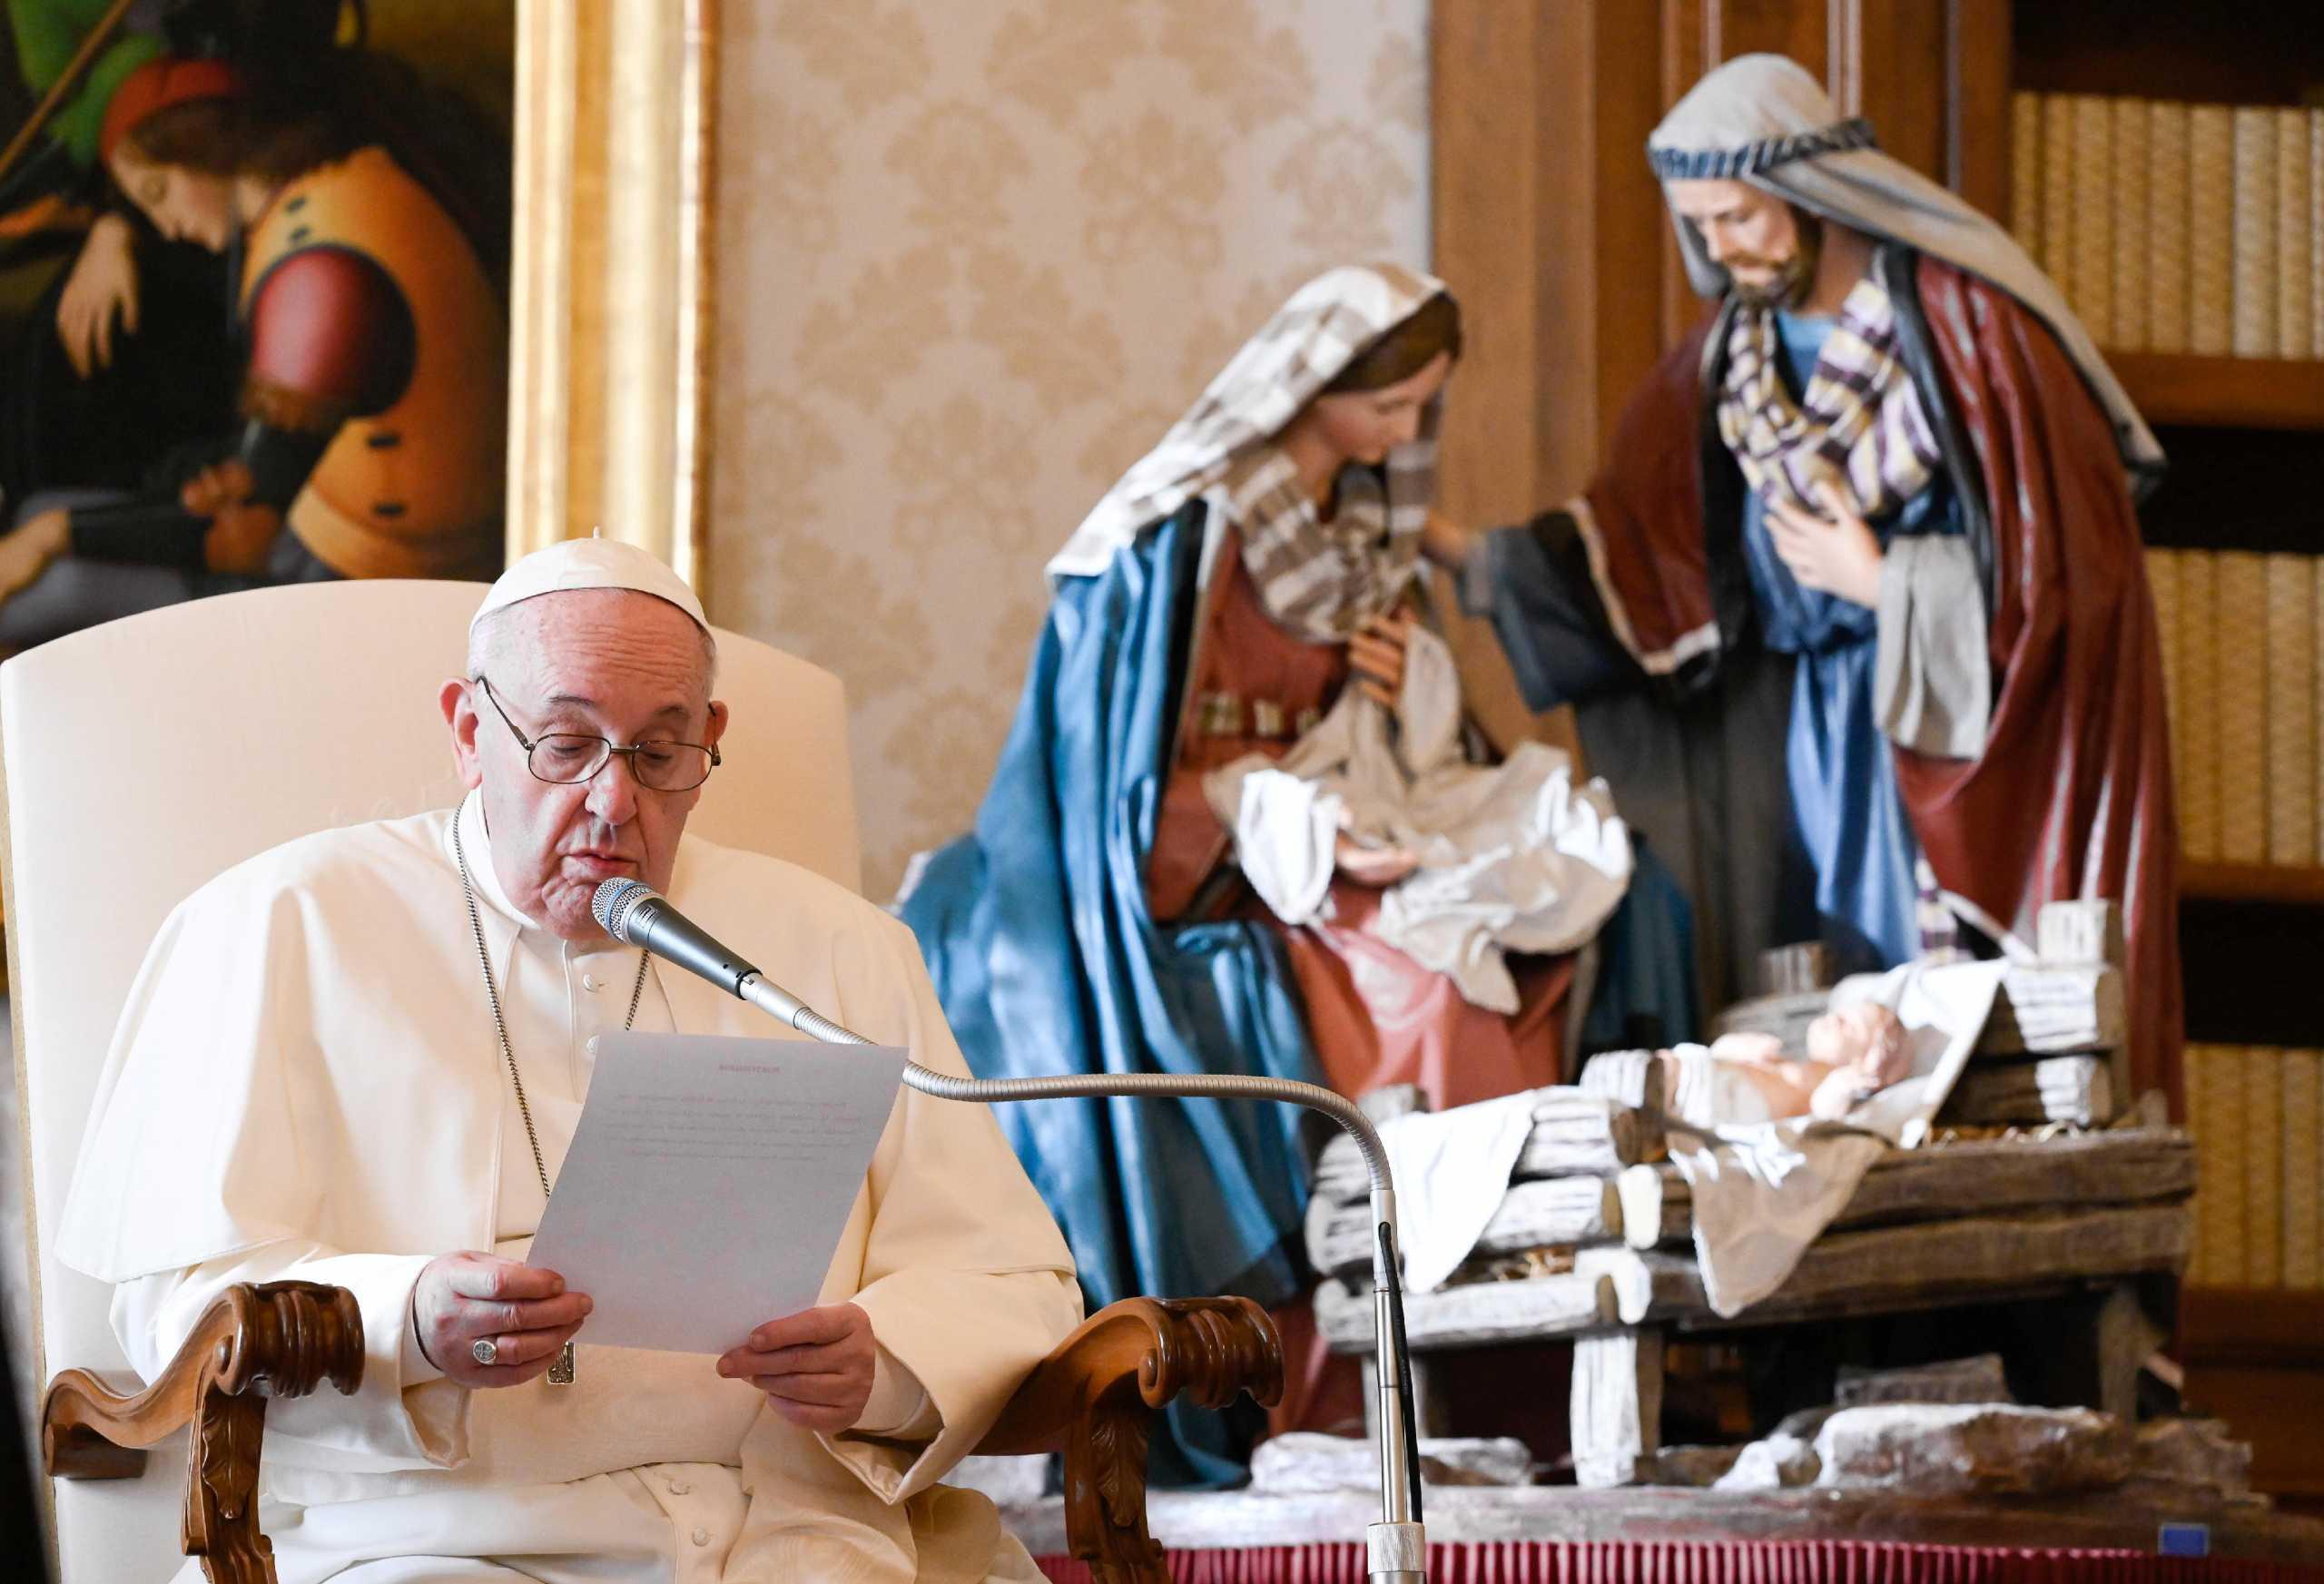 Γενέθλια για τον πάπα Φραγκίσκο – Το συγκινητικό μήνυμα του Ματαρέλα